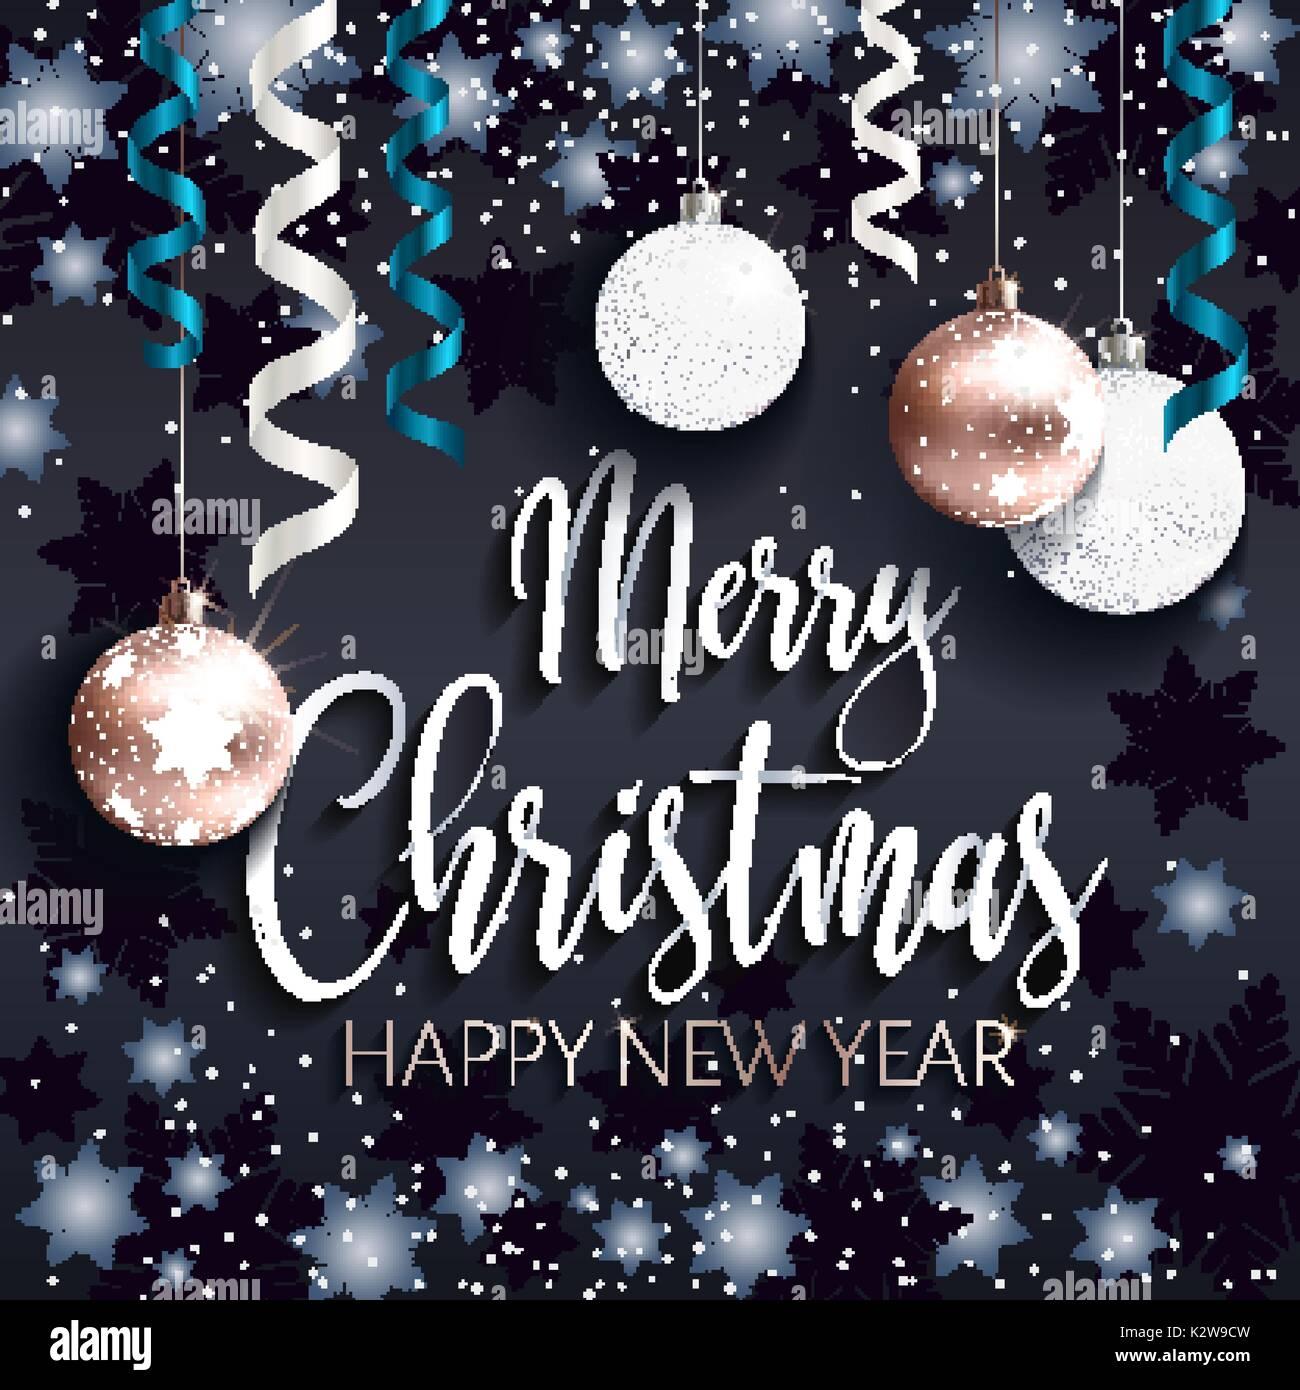 Frohe Weihnachten Grüße.Festliche Schwarze Banner Frohe Weihnachten Gruß Vektor Abbildung